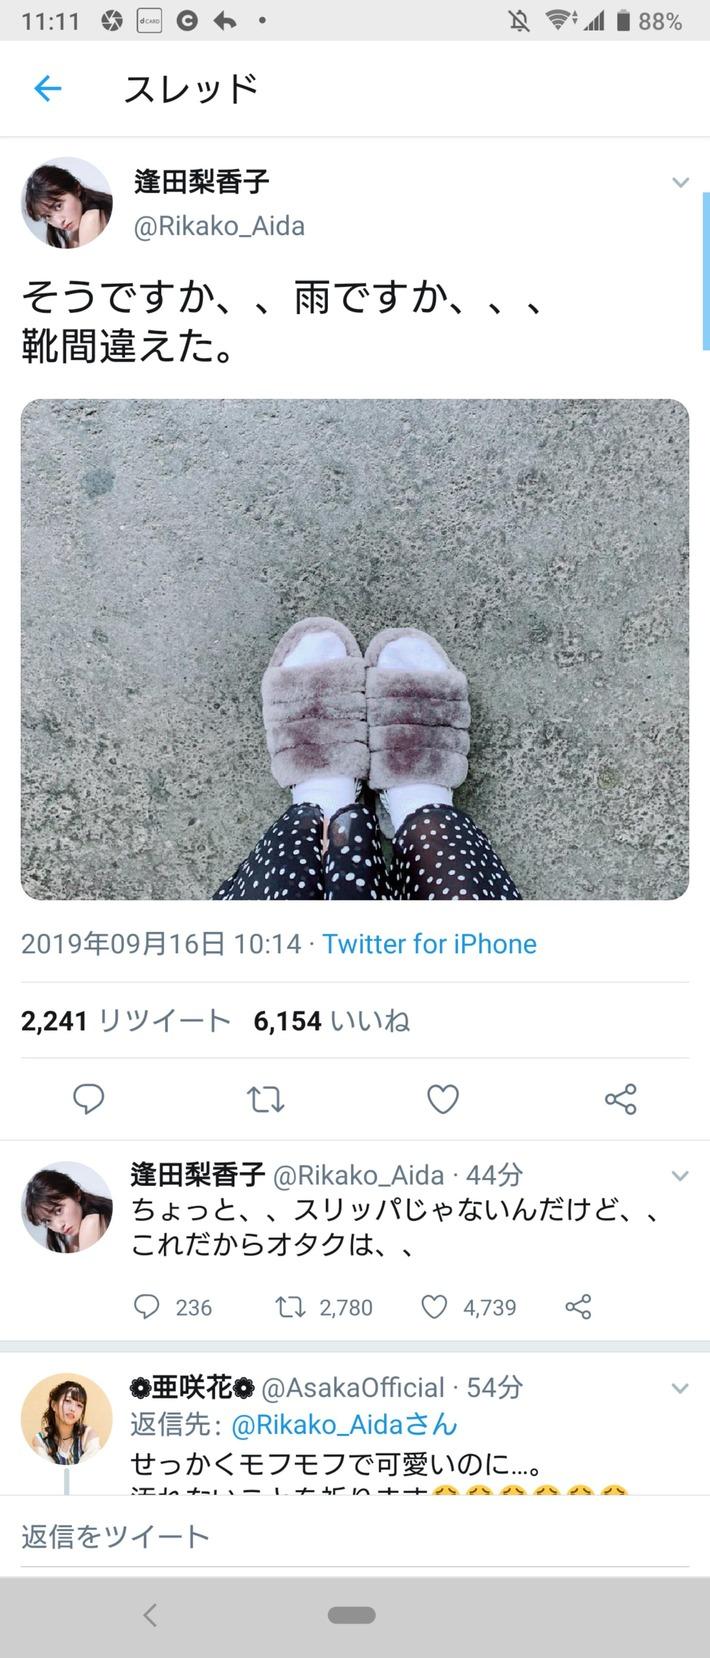 【悲報】ラブライブ人気美女声優「雨か靴、間違えた」オタク「靴じゃなくスリッパやんけ!」→声優さんキレる